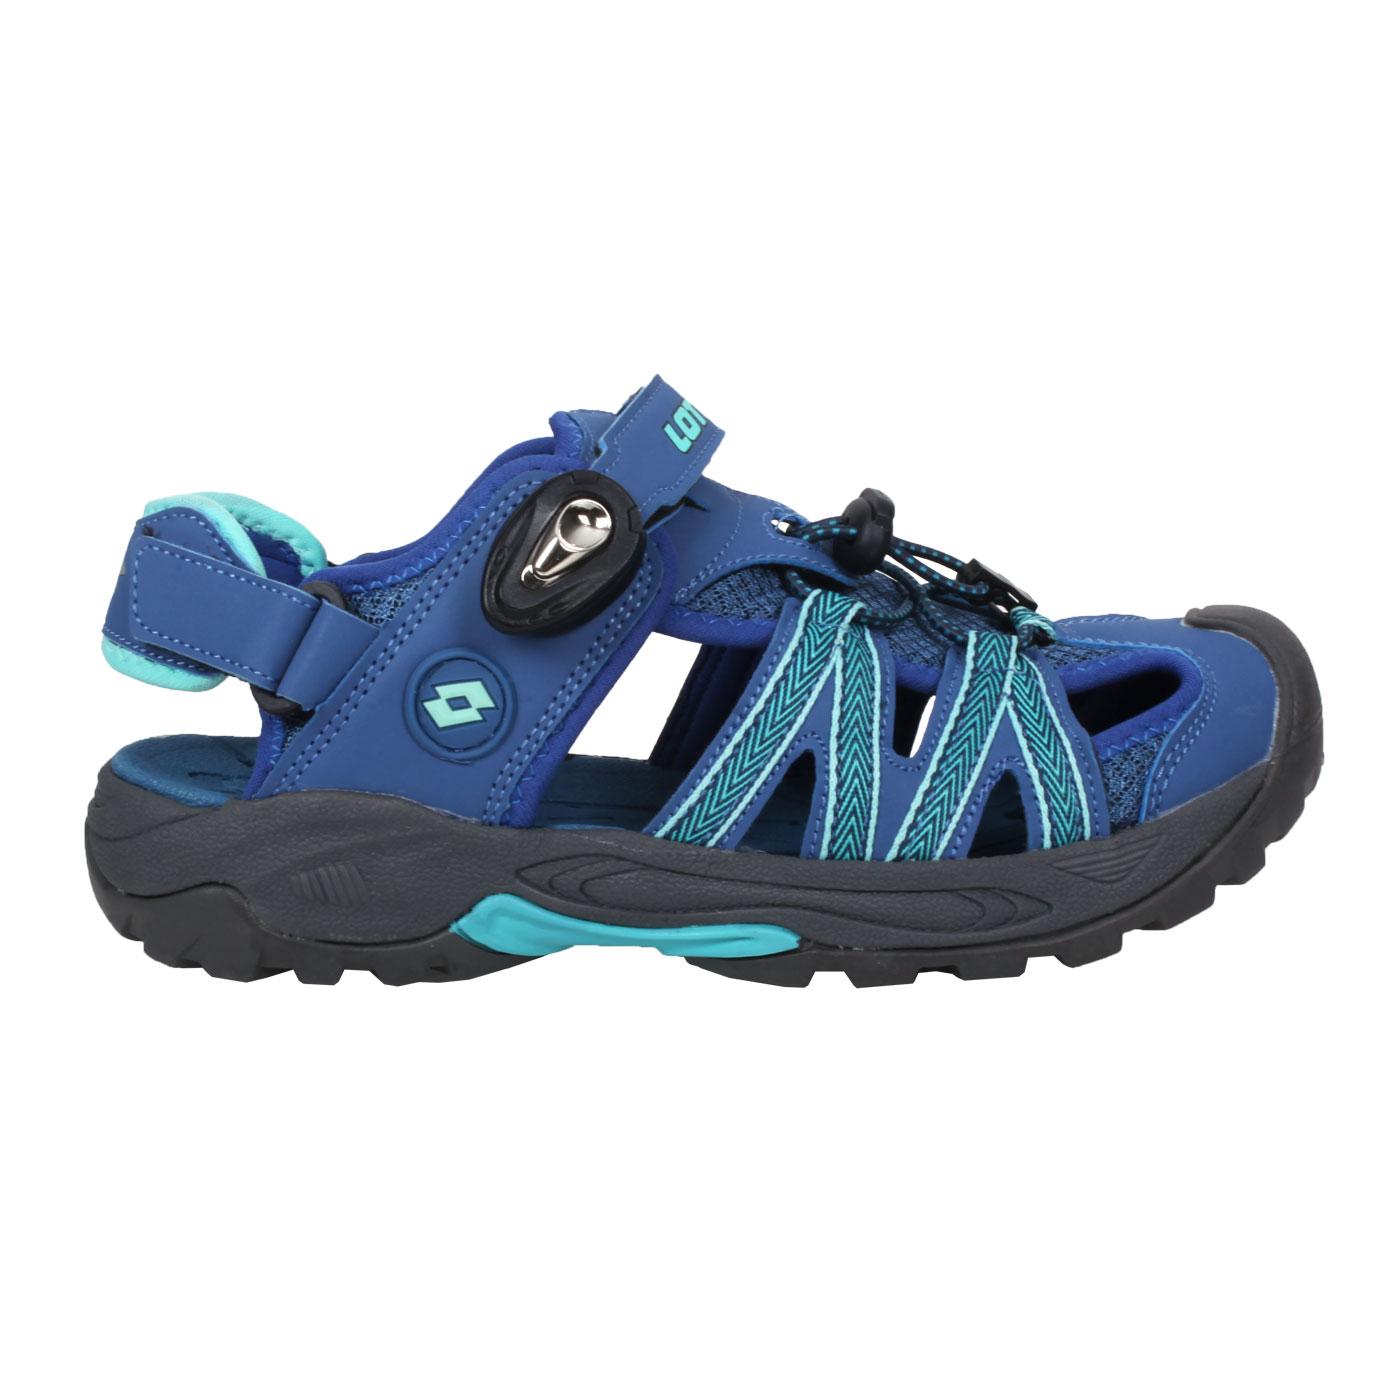 LOTTO 緹花磁扣護趾涼鞋 LT1AWS3266 - 藍綠